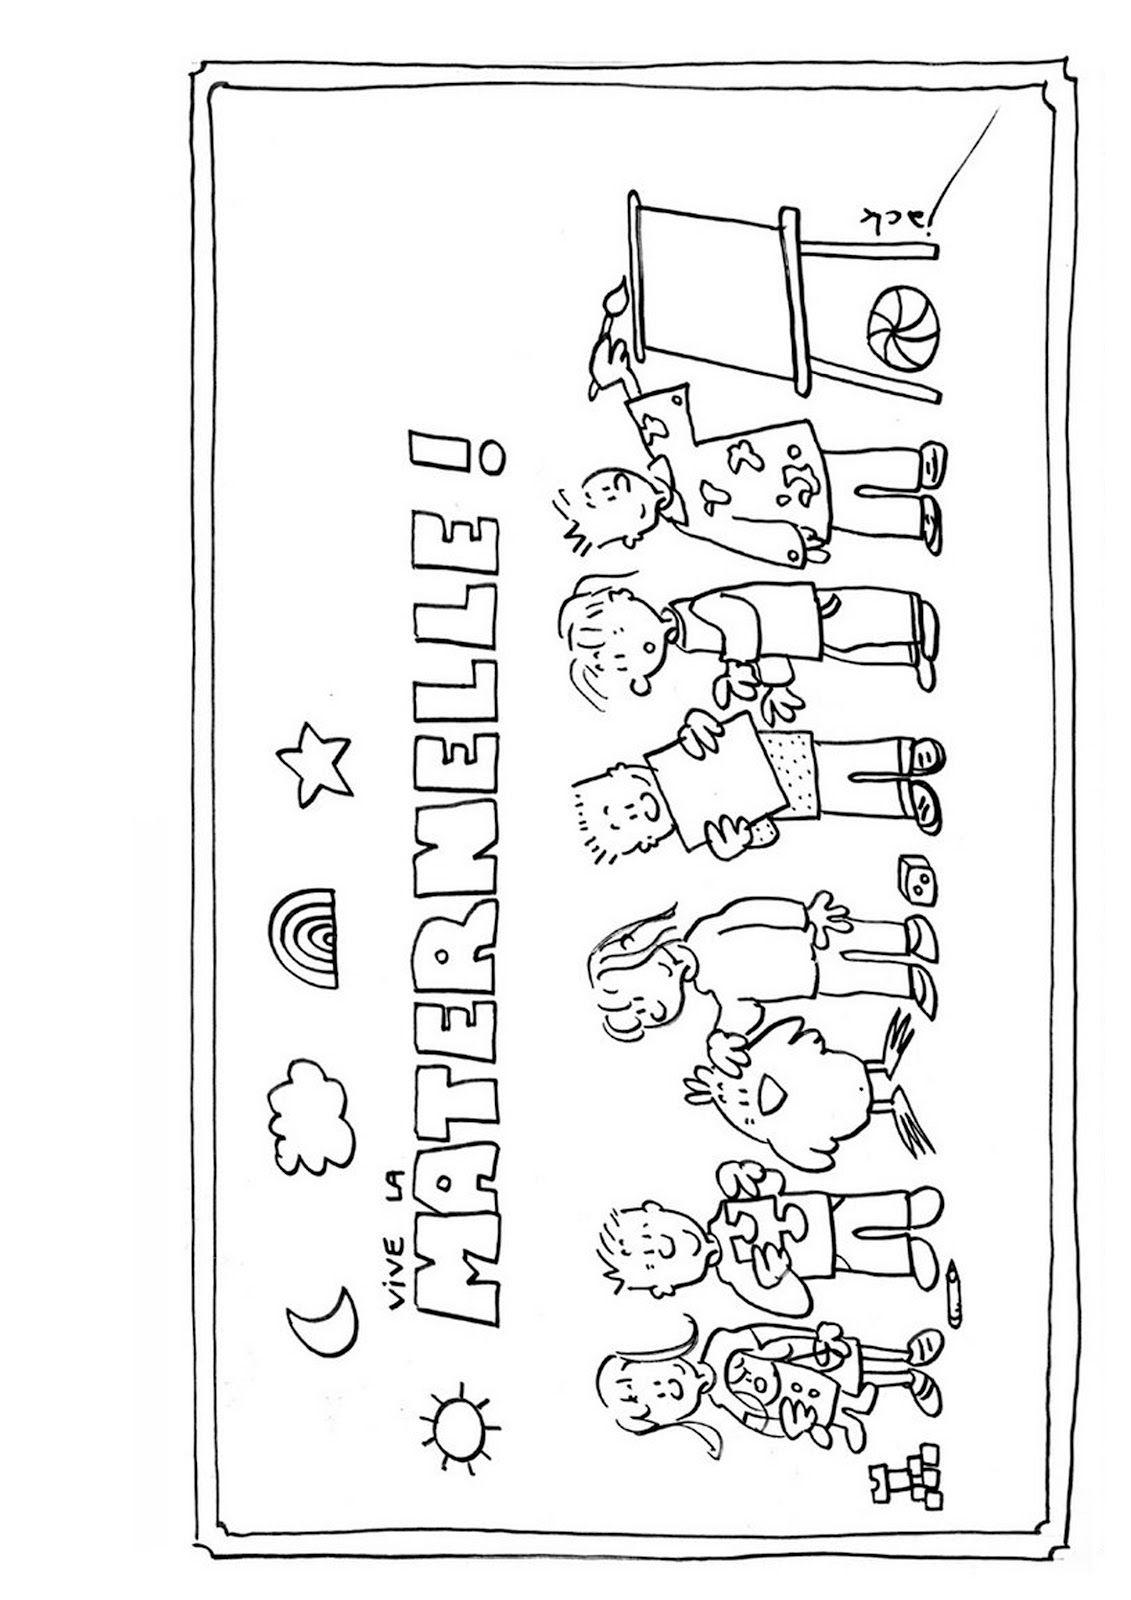 Affichages Utiles En Vrac   Coloriage Rentrée dedans Coloriage Classe Maternelle